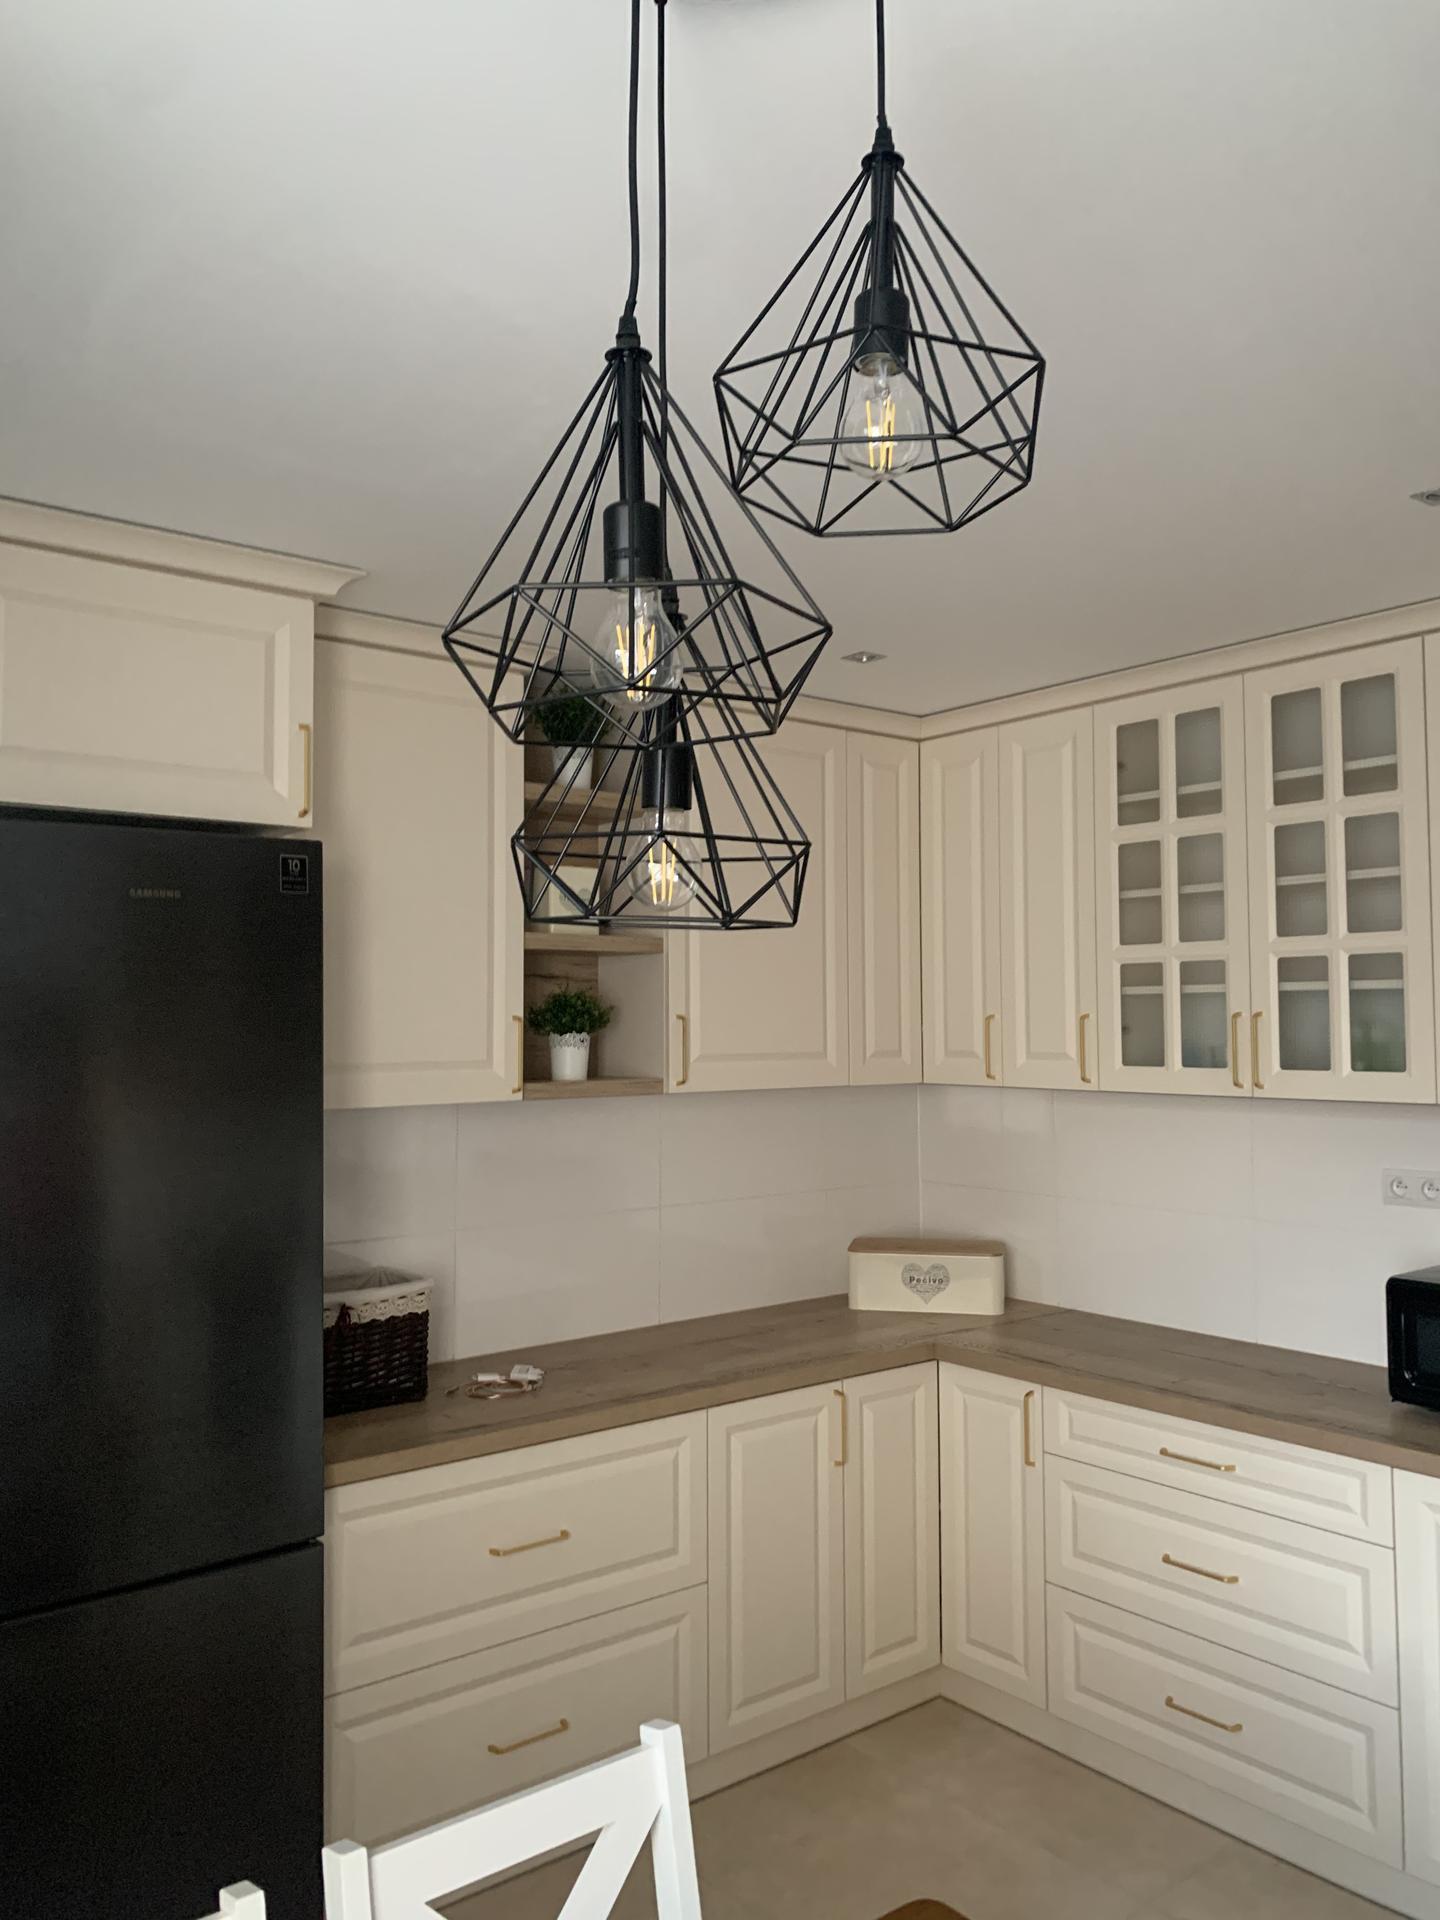 ♥️ Náš budúci domov ♥️ - ...novy luster do kuchyne...